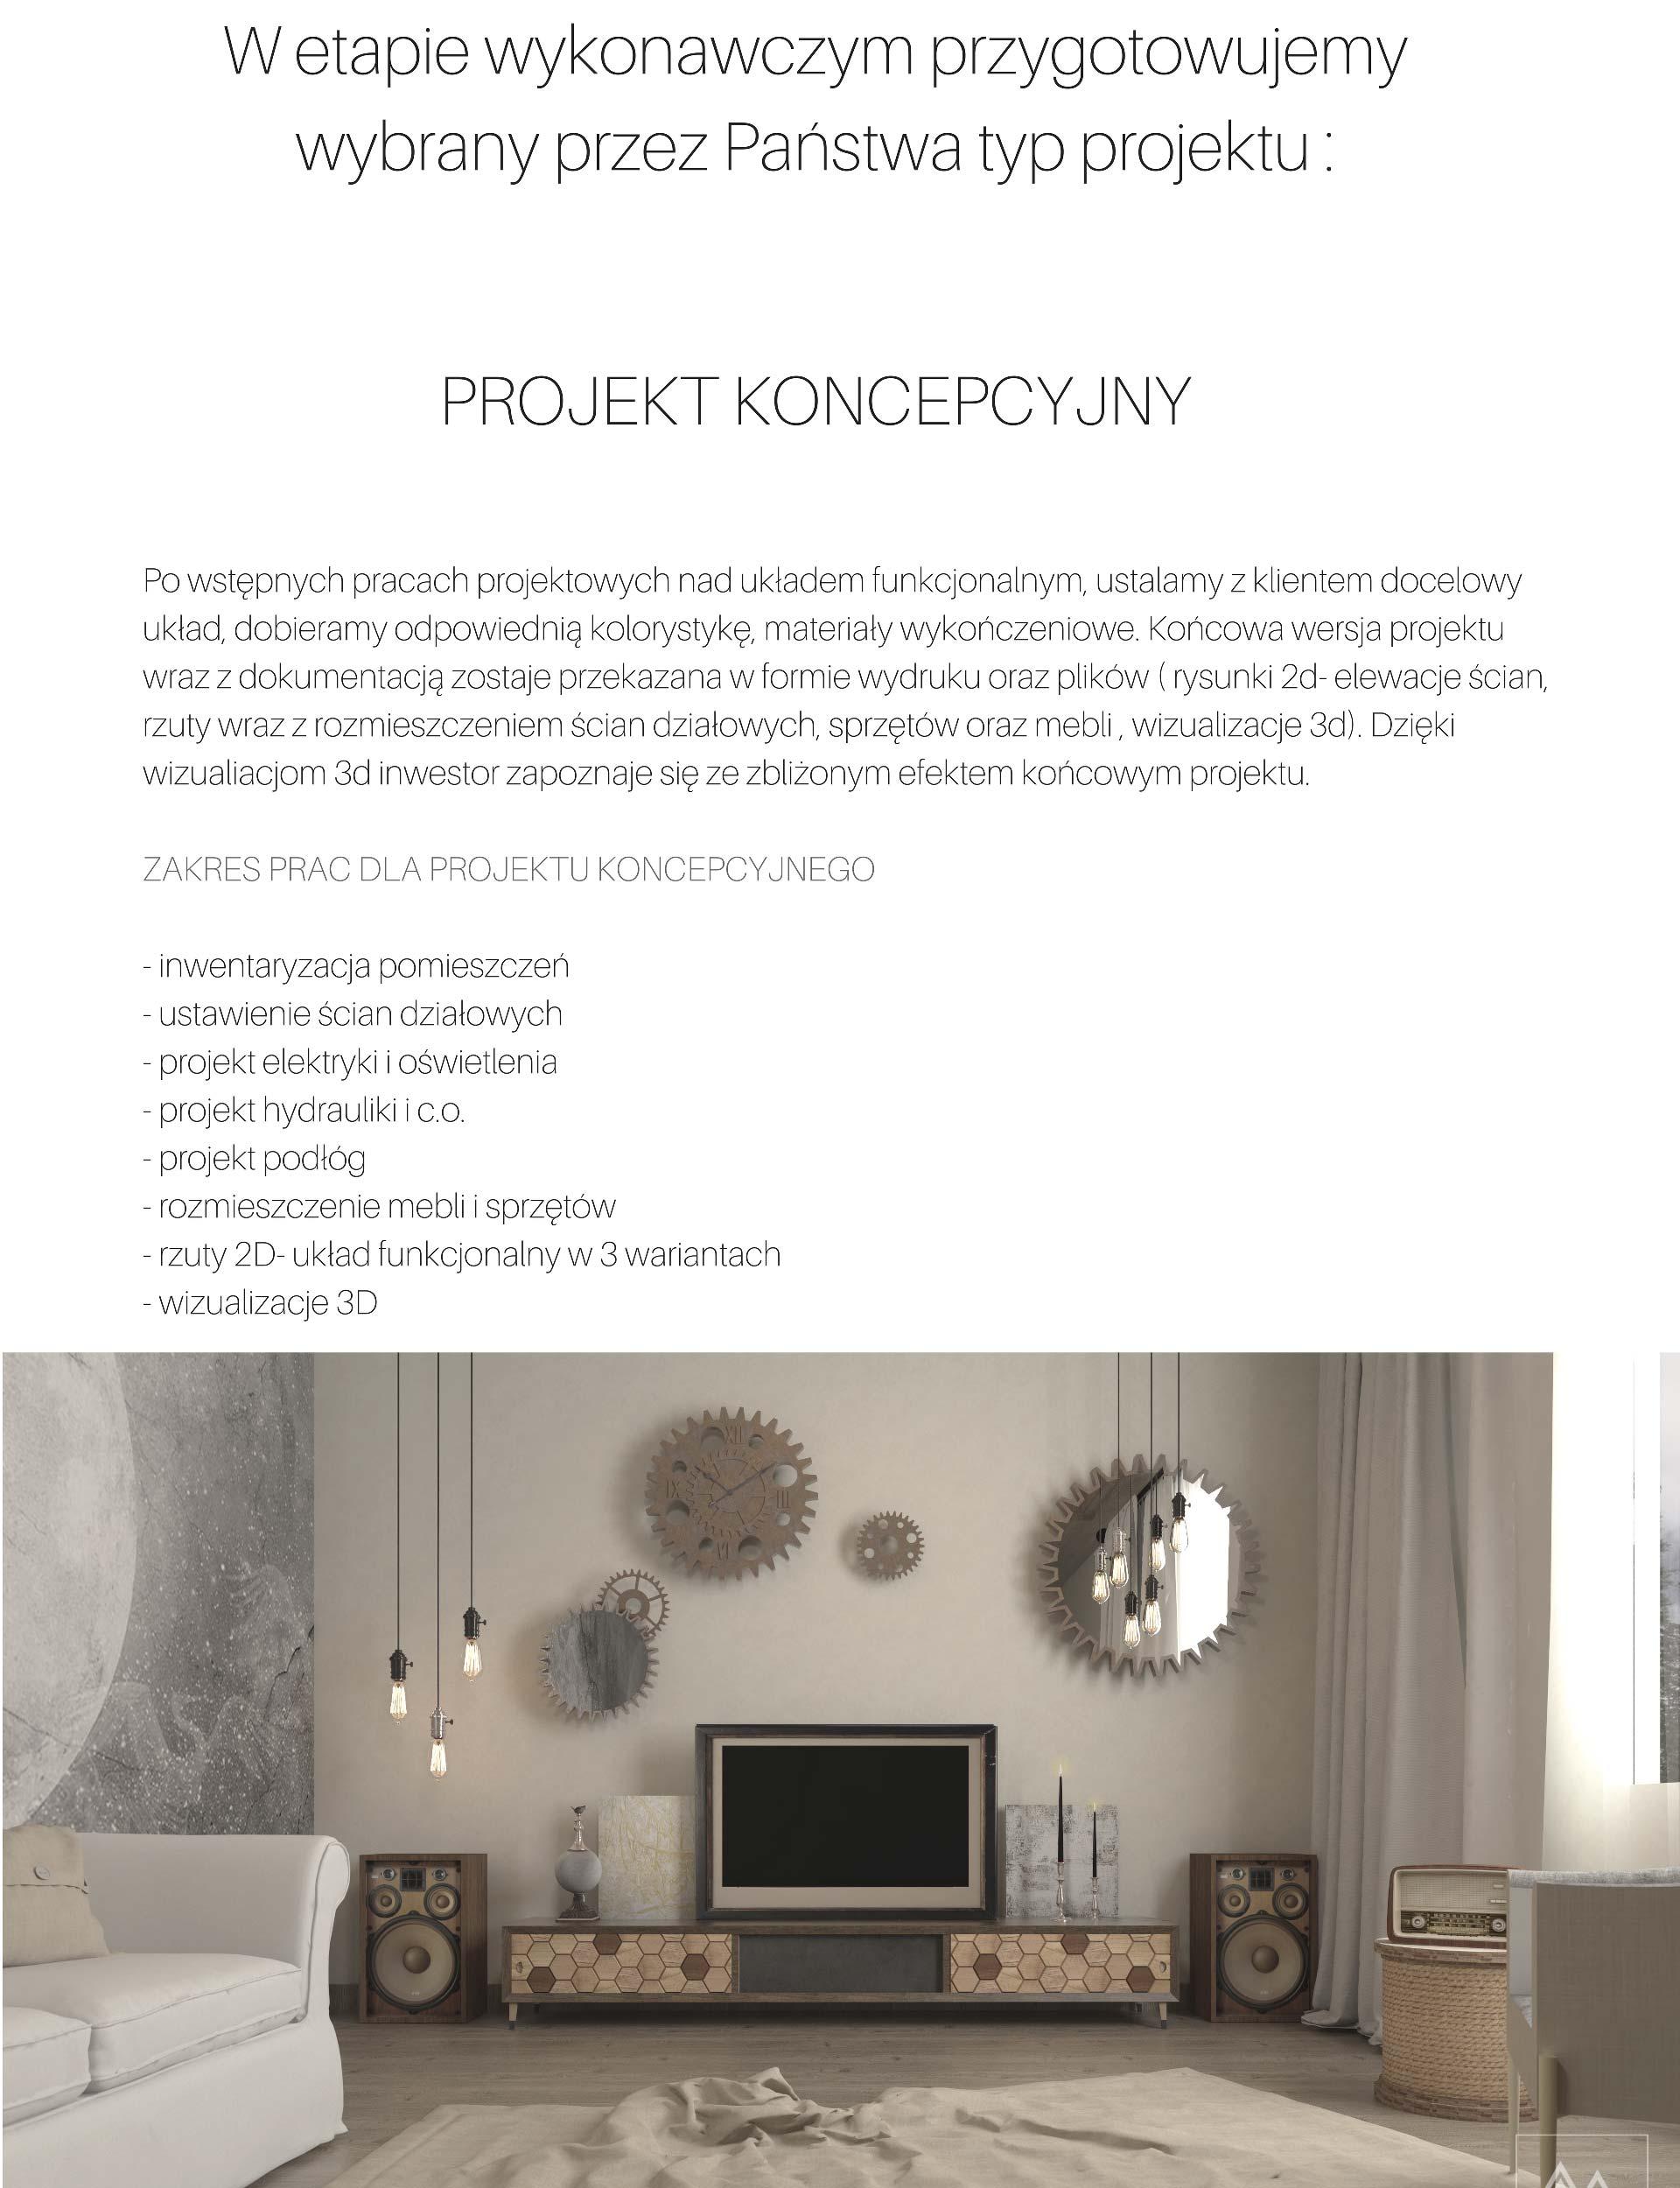 Oferta - szczegółowe informacje dotyczące zakresu projektu koncepcyjnego